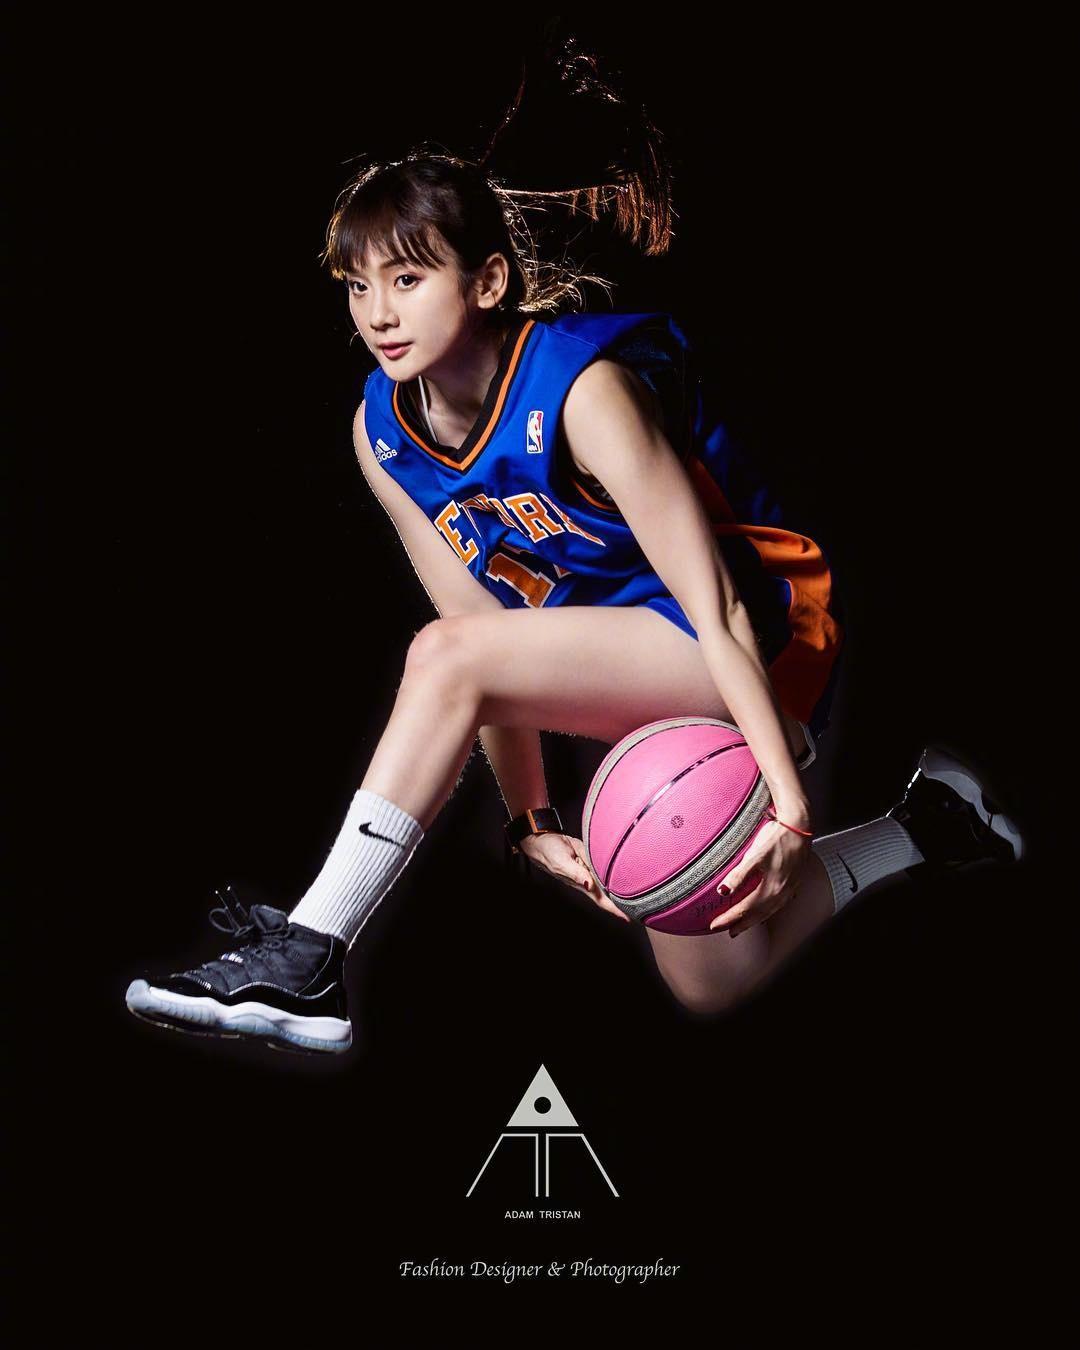 这才是中国球迷喜欢的女神类型,太清纯可爱了,秒杀卡戴珊!